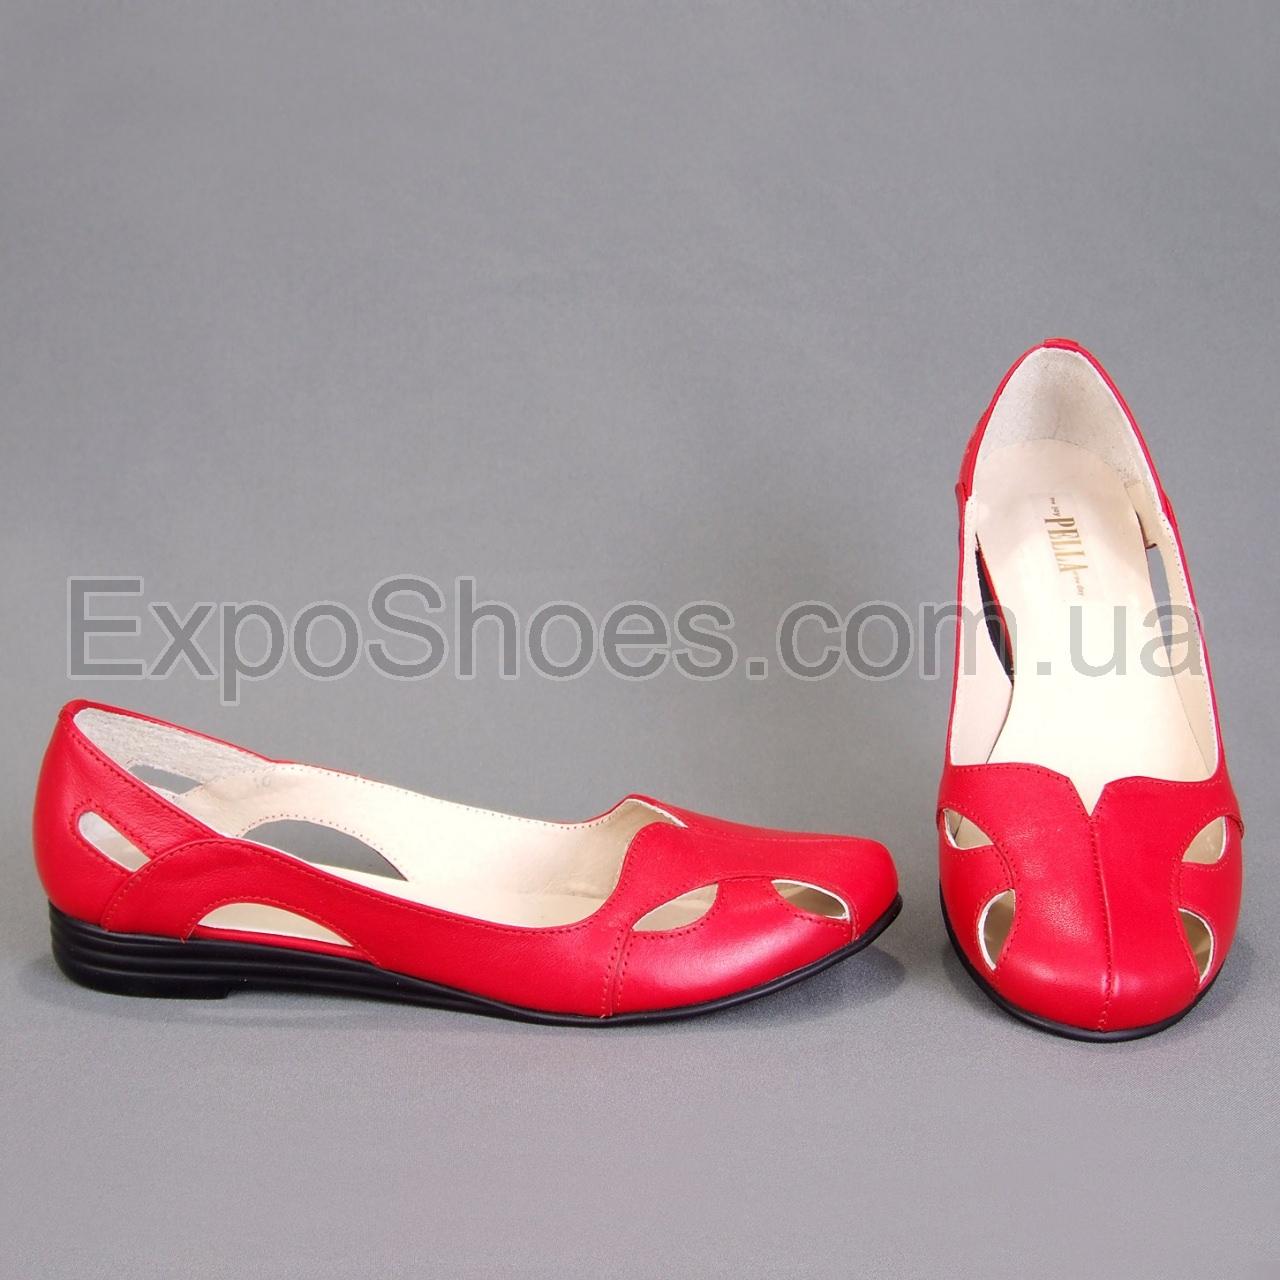 4834f95dc Женская обувь от PELLA - опт со СКИДКОЙ! ― Выставка обуви ExpoShoes ...